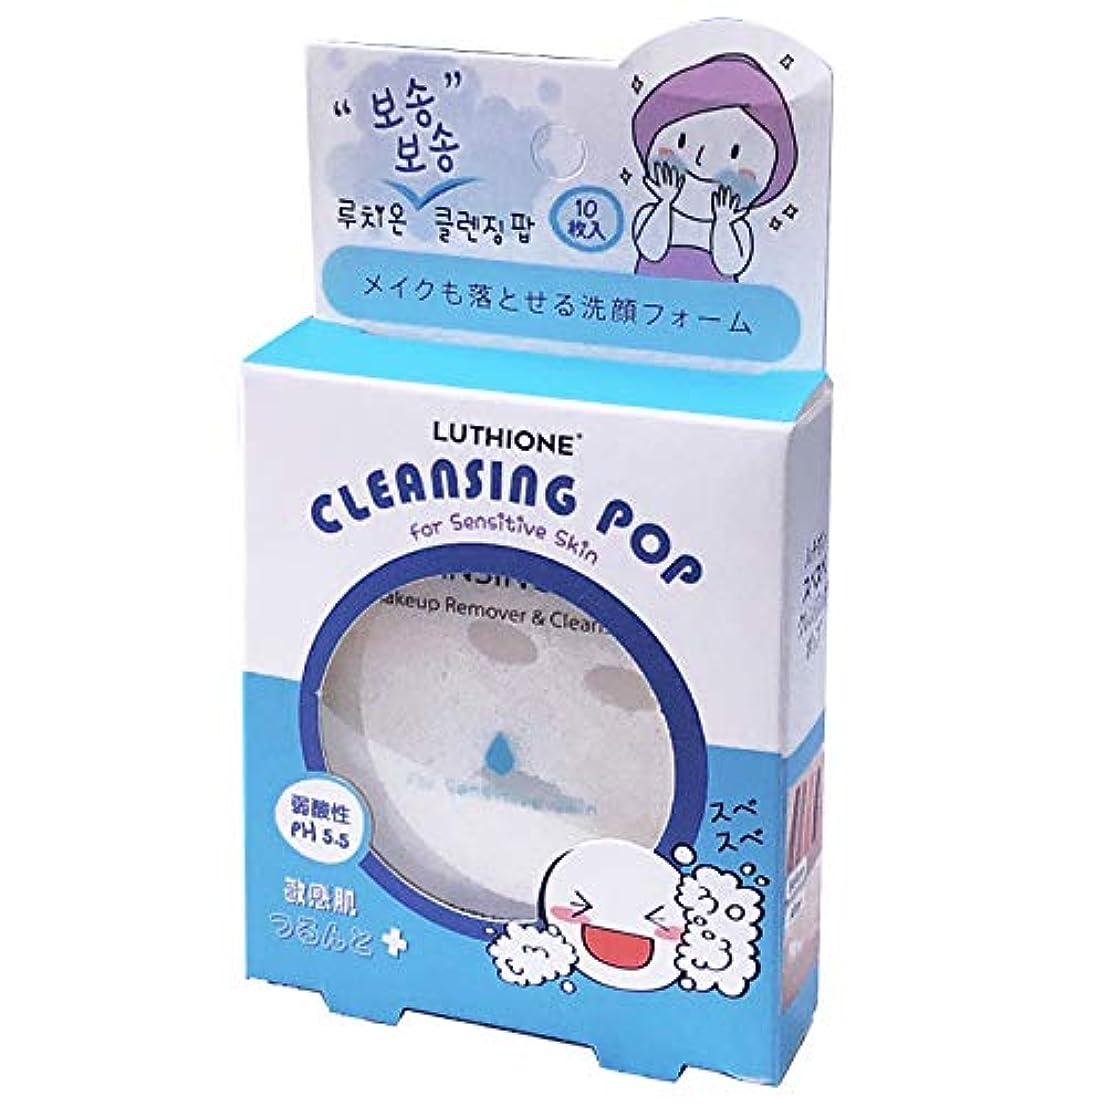 タンパク質無視できる診療所【まとめ買い】ルチオン クレンジングポップ (LUTHIONE CLEANSING POP) 敏感肌 10枚入り ×2個